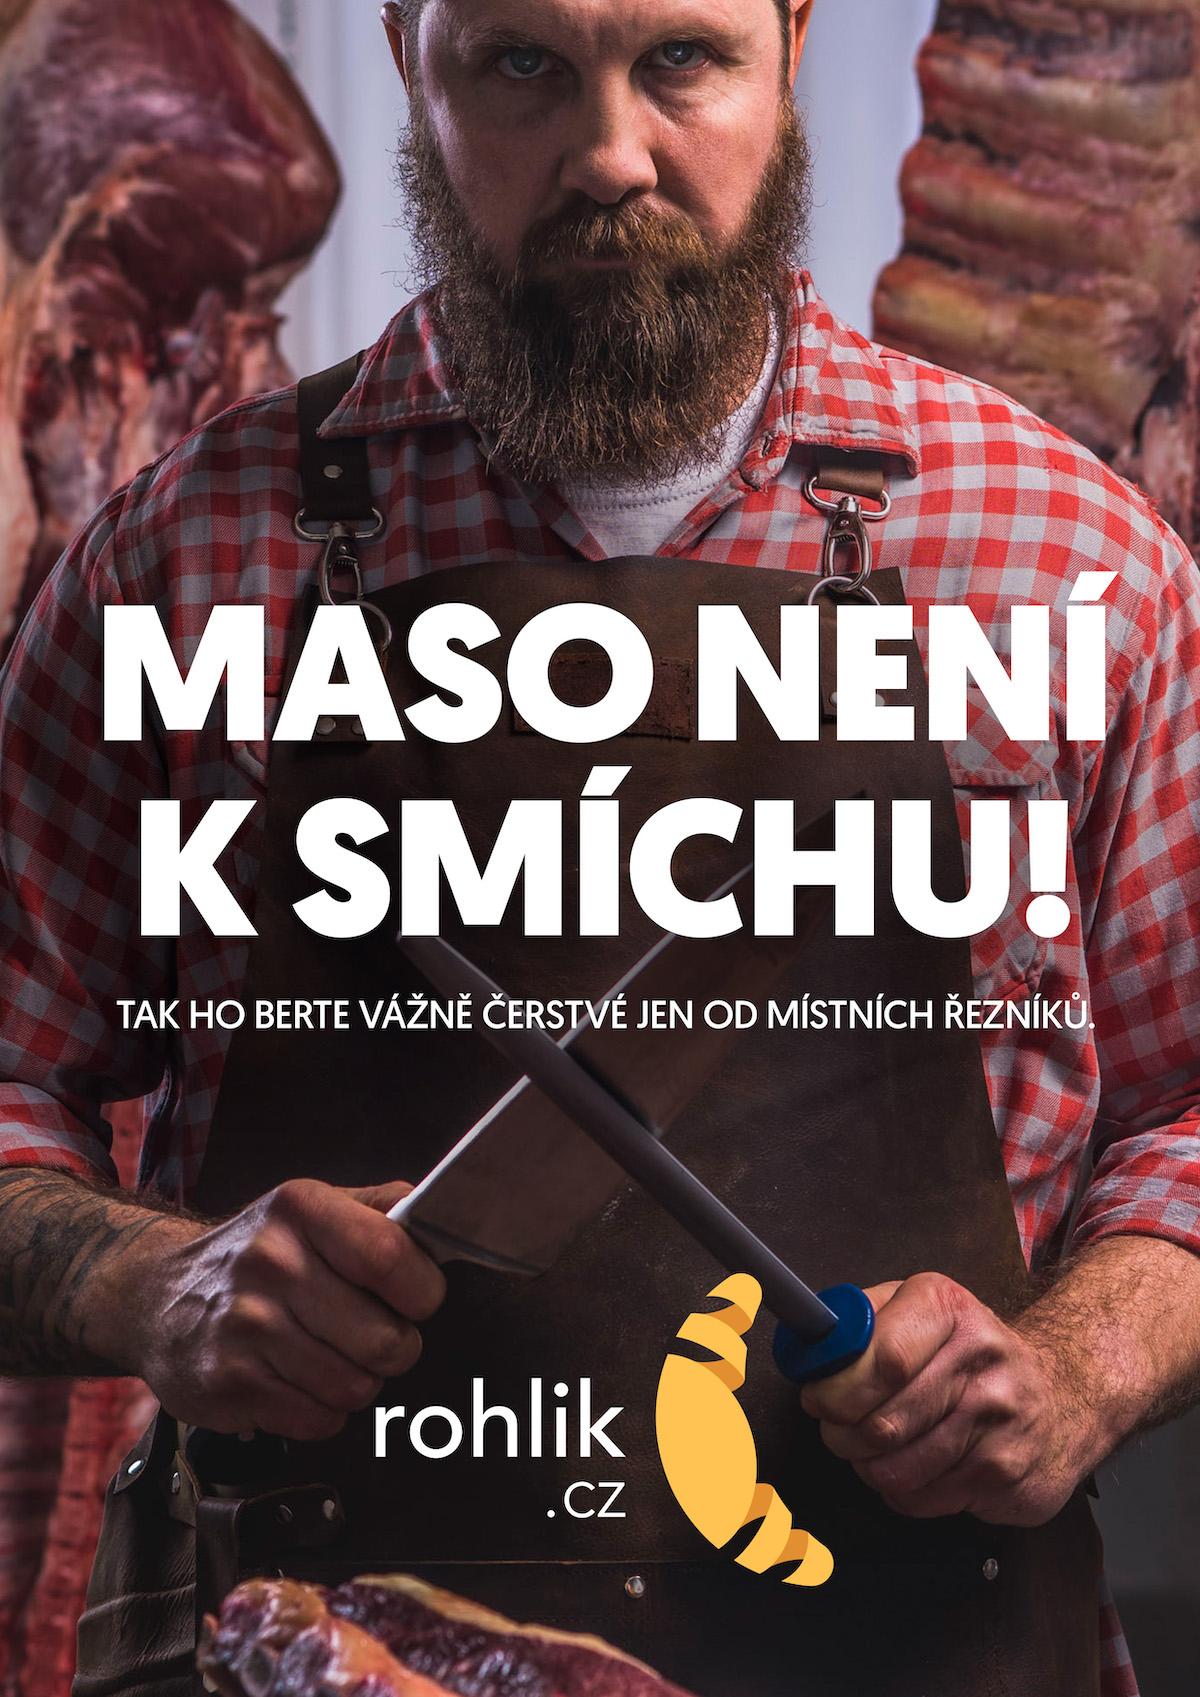 Rohlik.cz: Opravdu čerstvé (B&T)